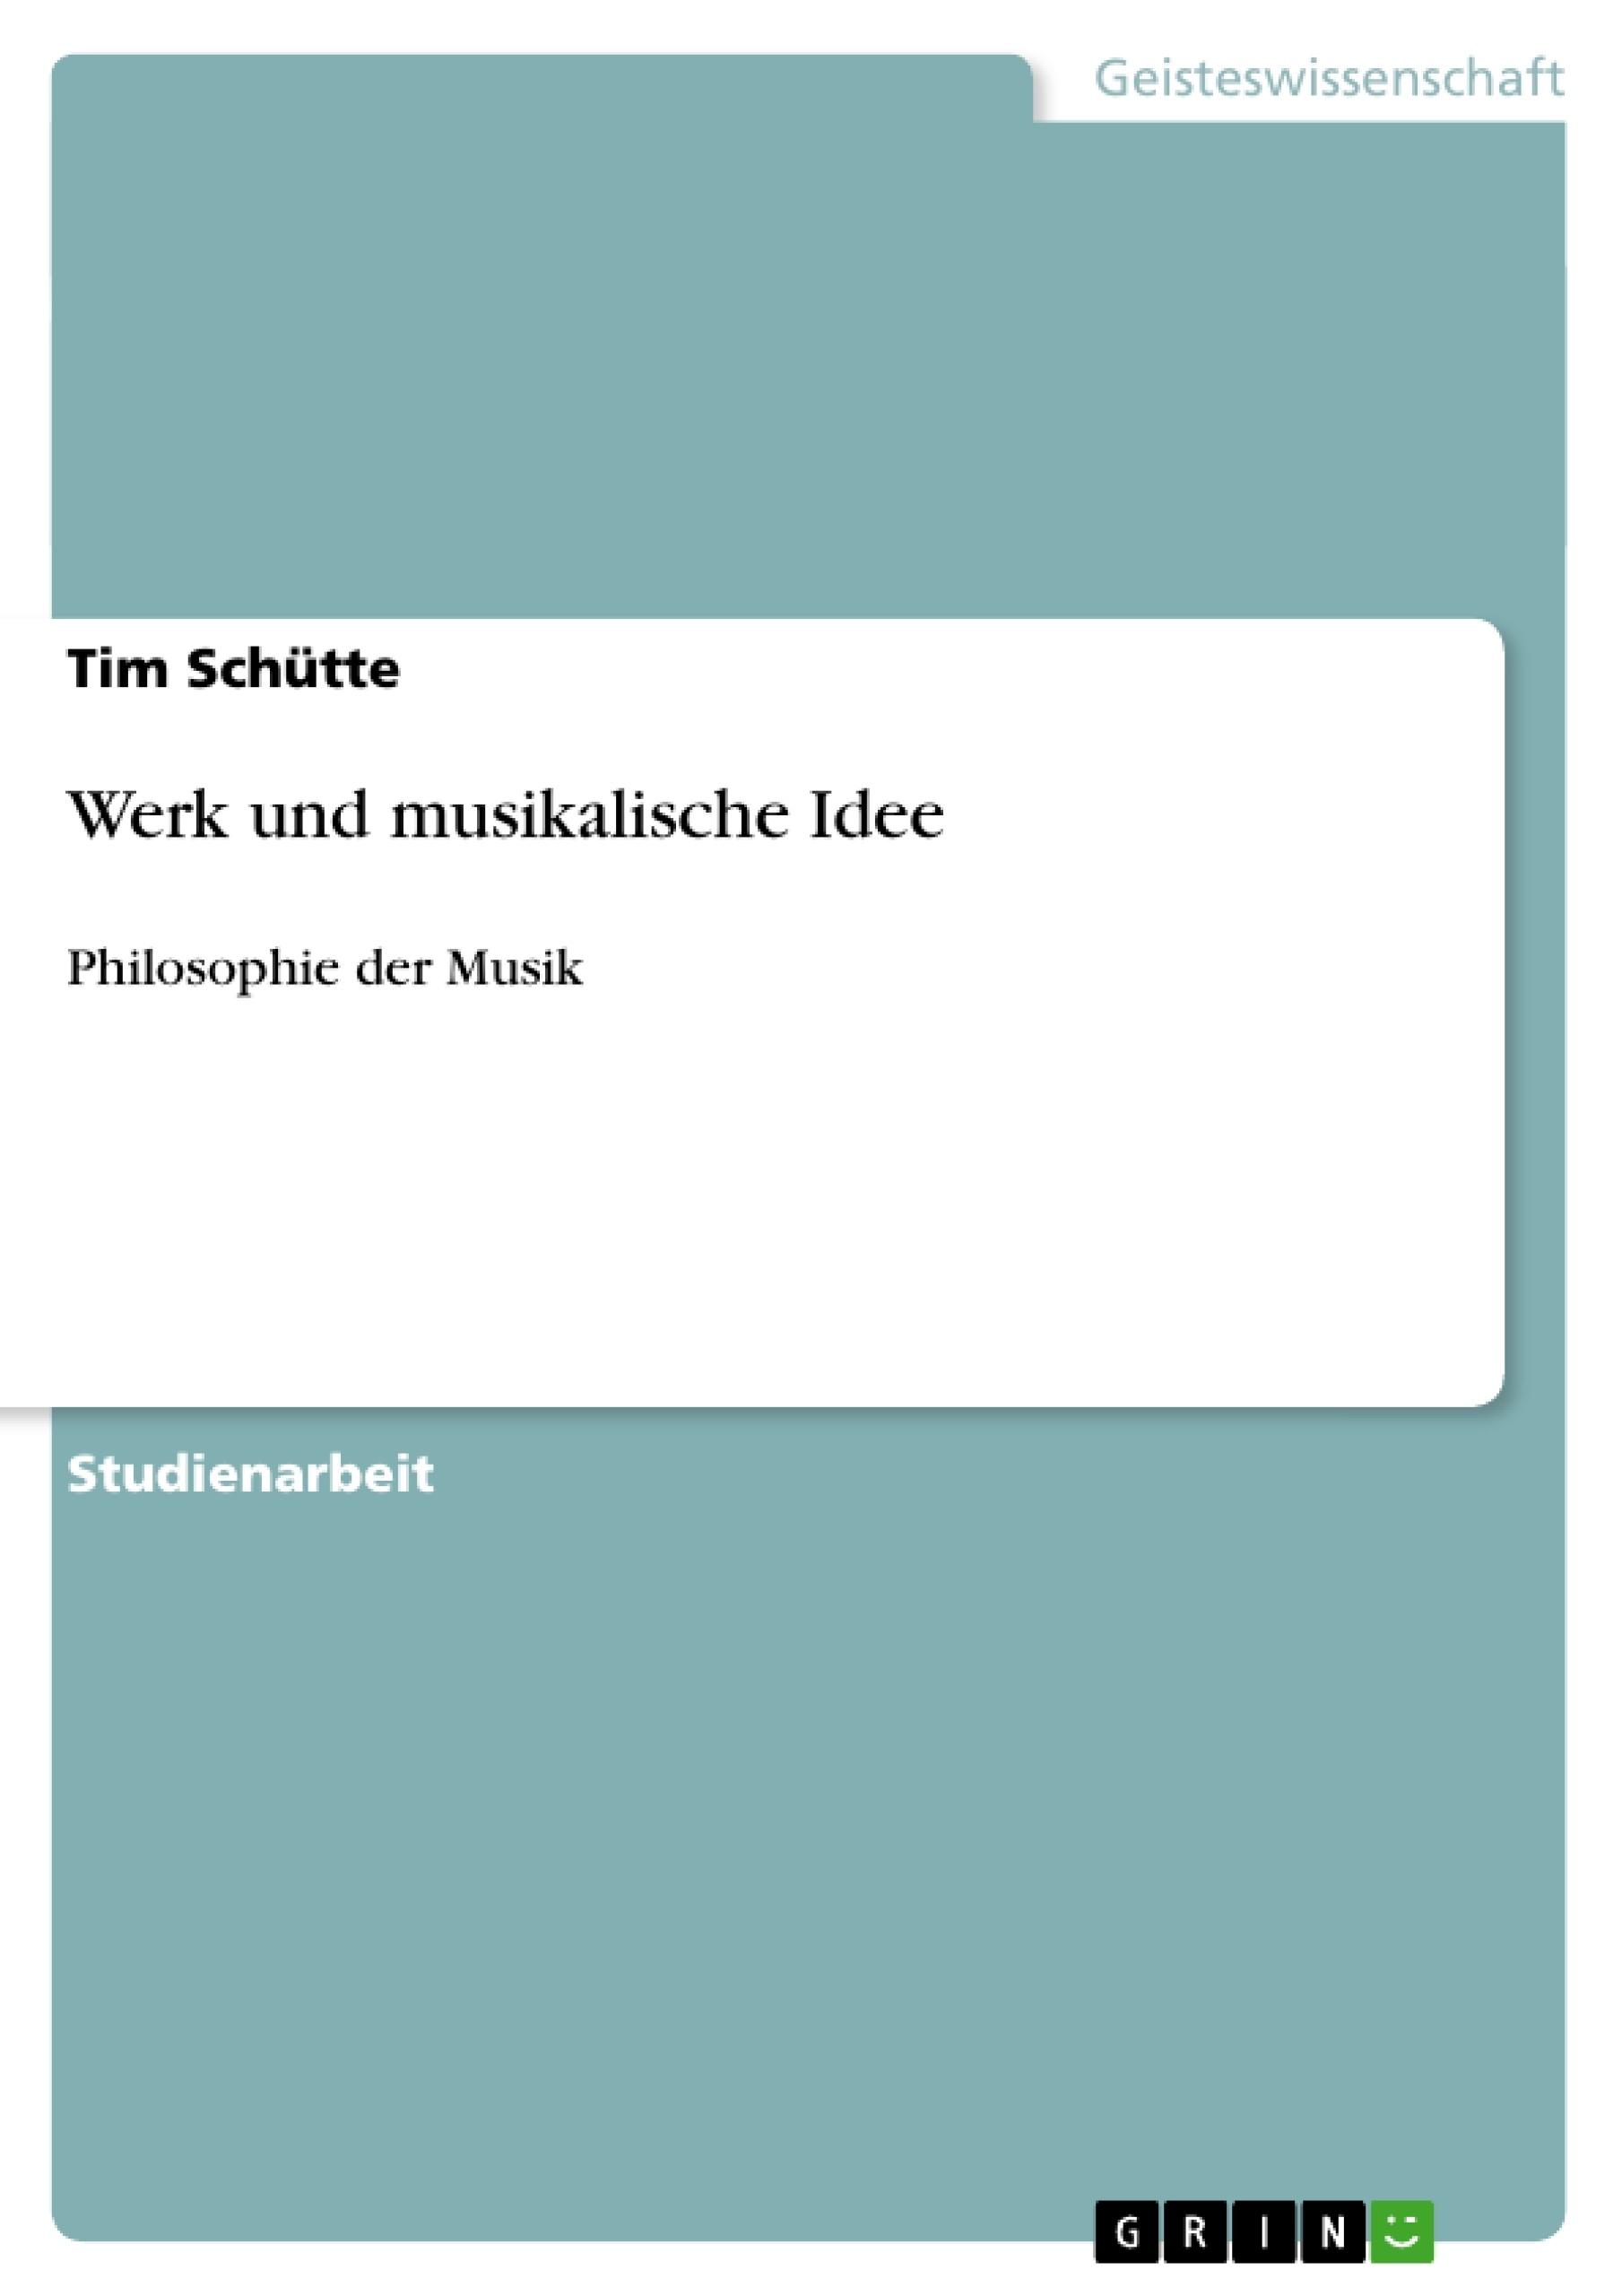 Titel: Werk und musikalische Idee